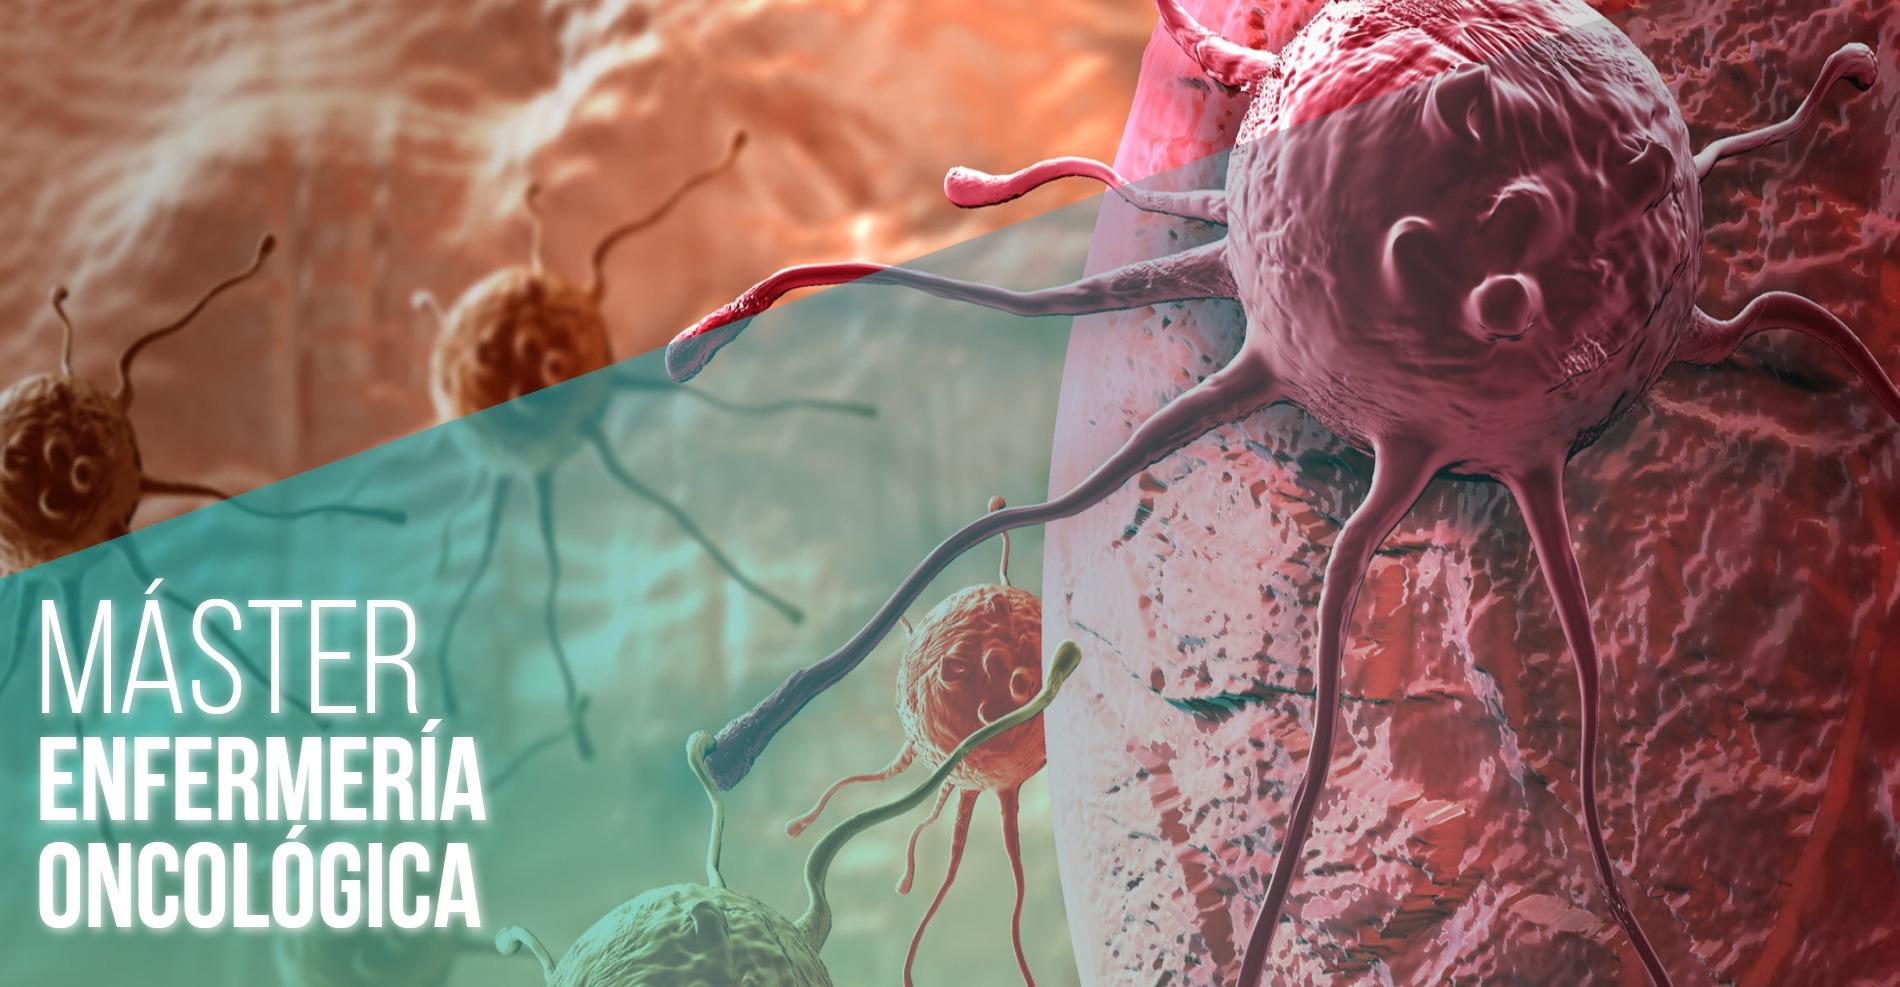 Desarrollo del perfil profesional en Enfermería Oncológica